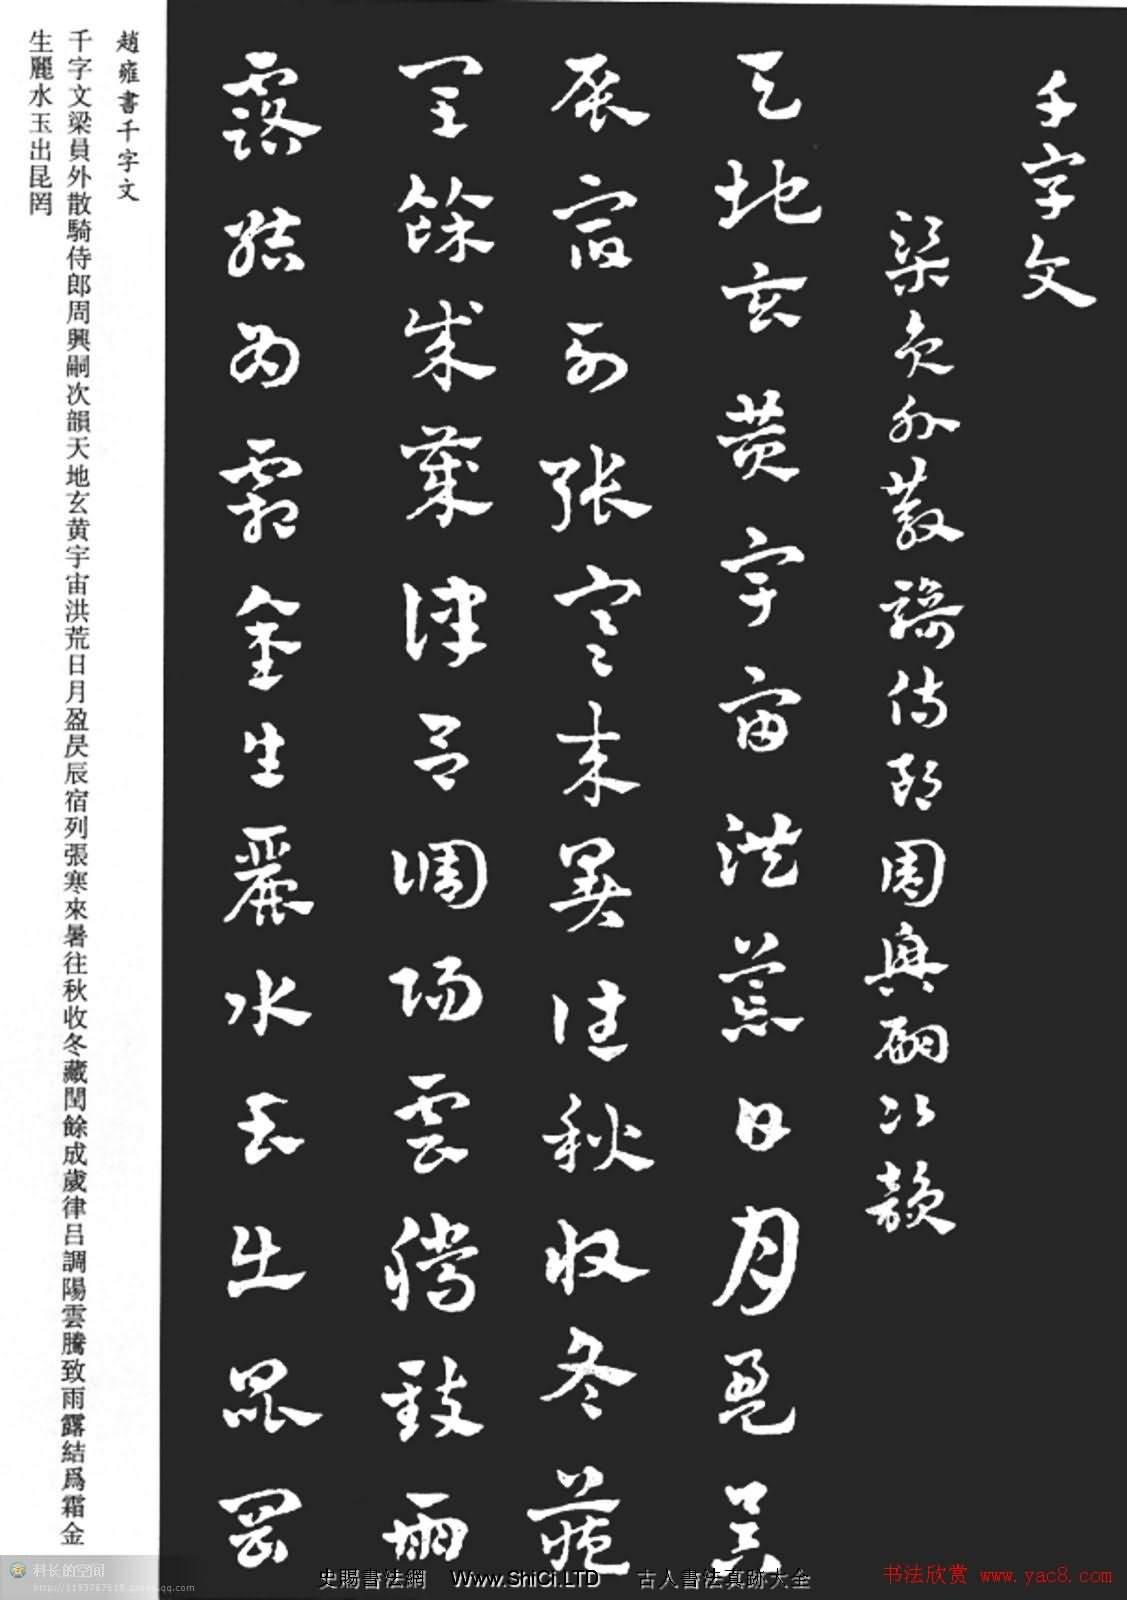 趙雍書法《章草千字文》大圖真跡欣賞(共15張圖片)